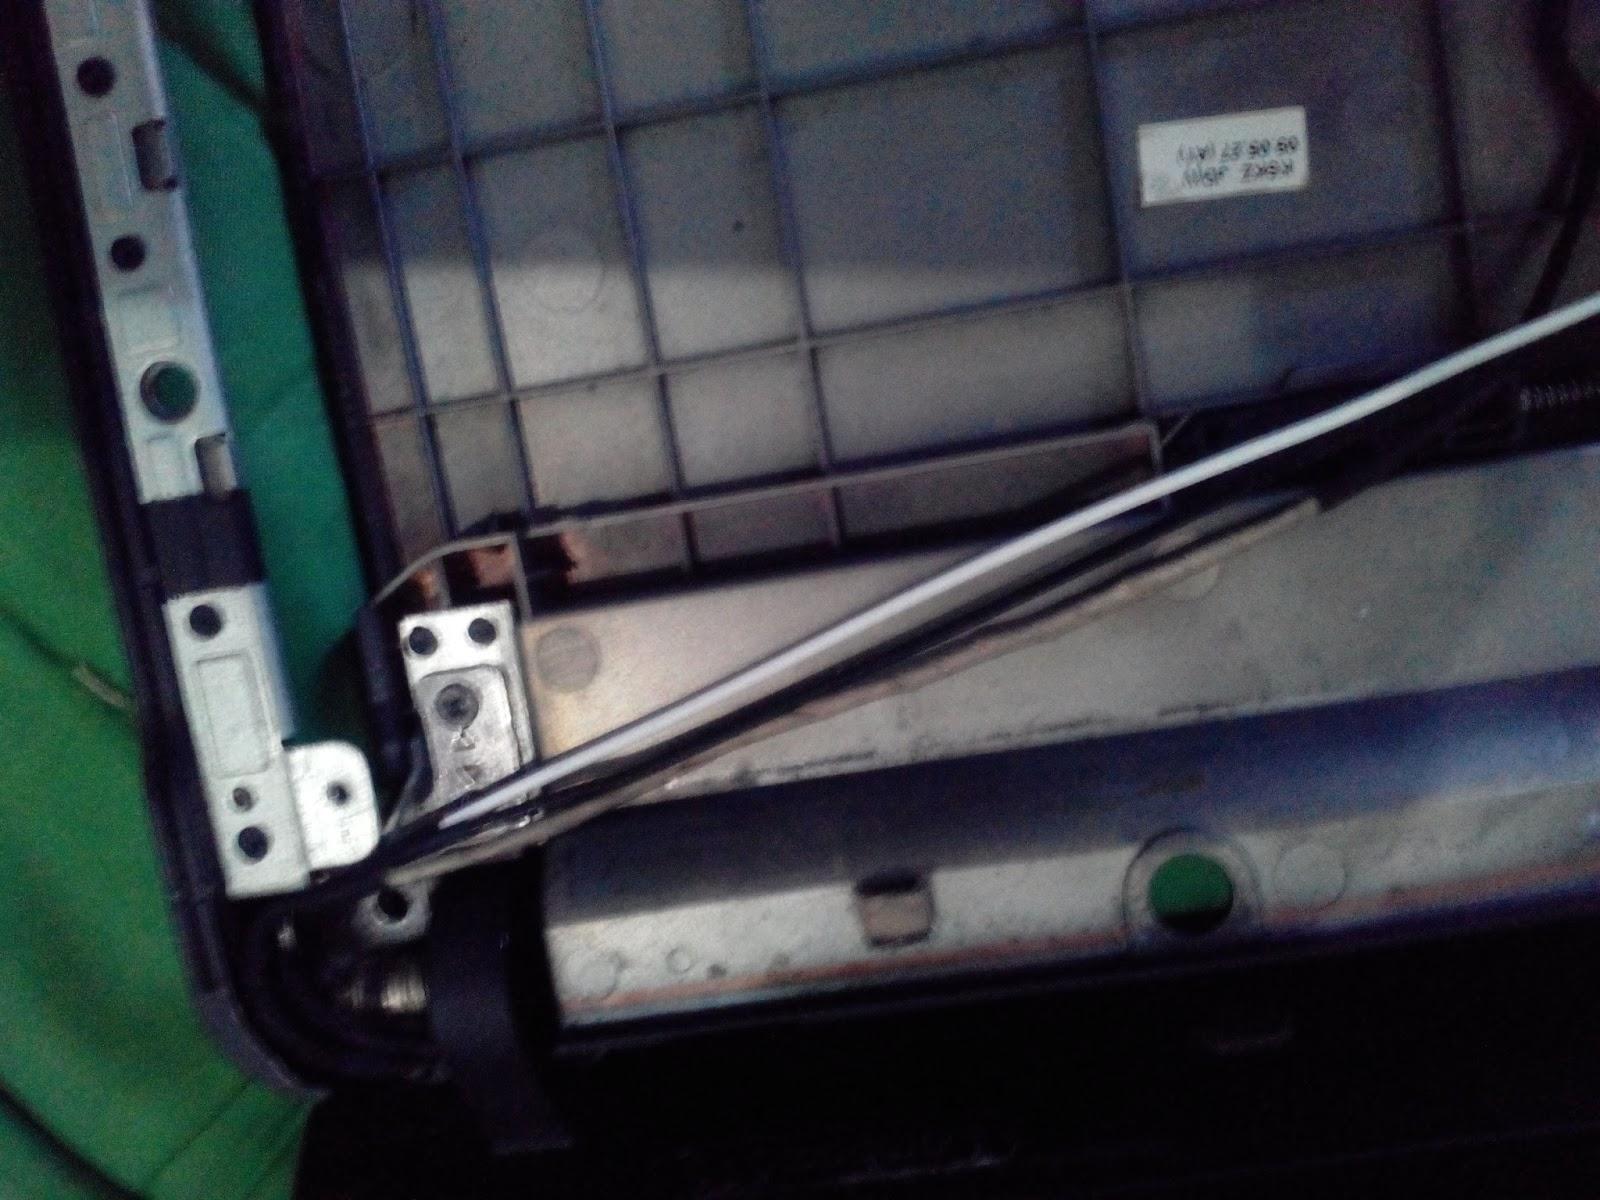 Trouble Shooting Baterai Cmos Laptop Compaq Cq 515 Mencari Ilmu Labtop Cr 2032 Kabel 10 Mulai Melepas Casing Dalam Perlahan Hati Perlu Kecermatan Untuk Koneksi Mousepad Juga Di Lepas Dari Motherboard